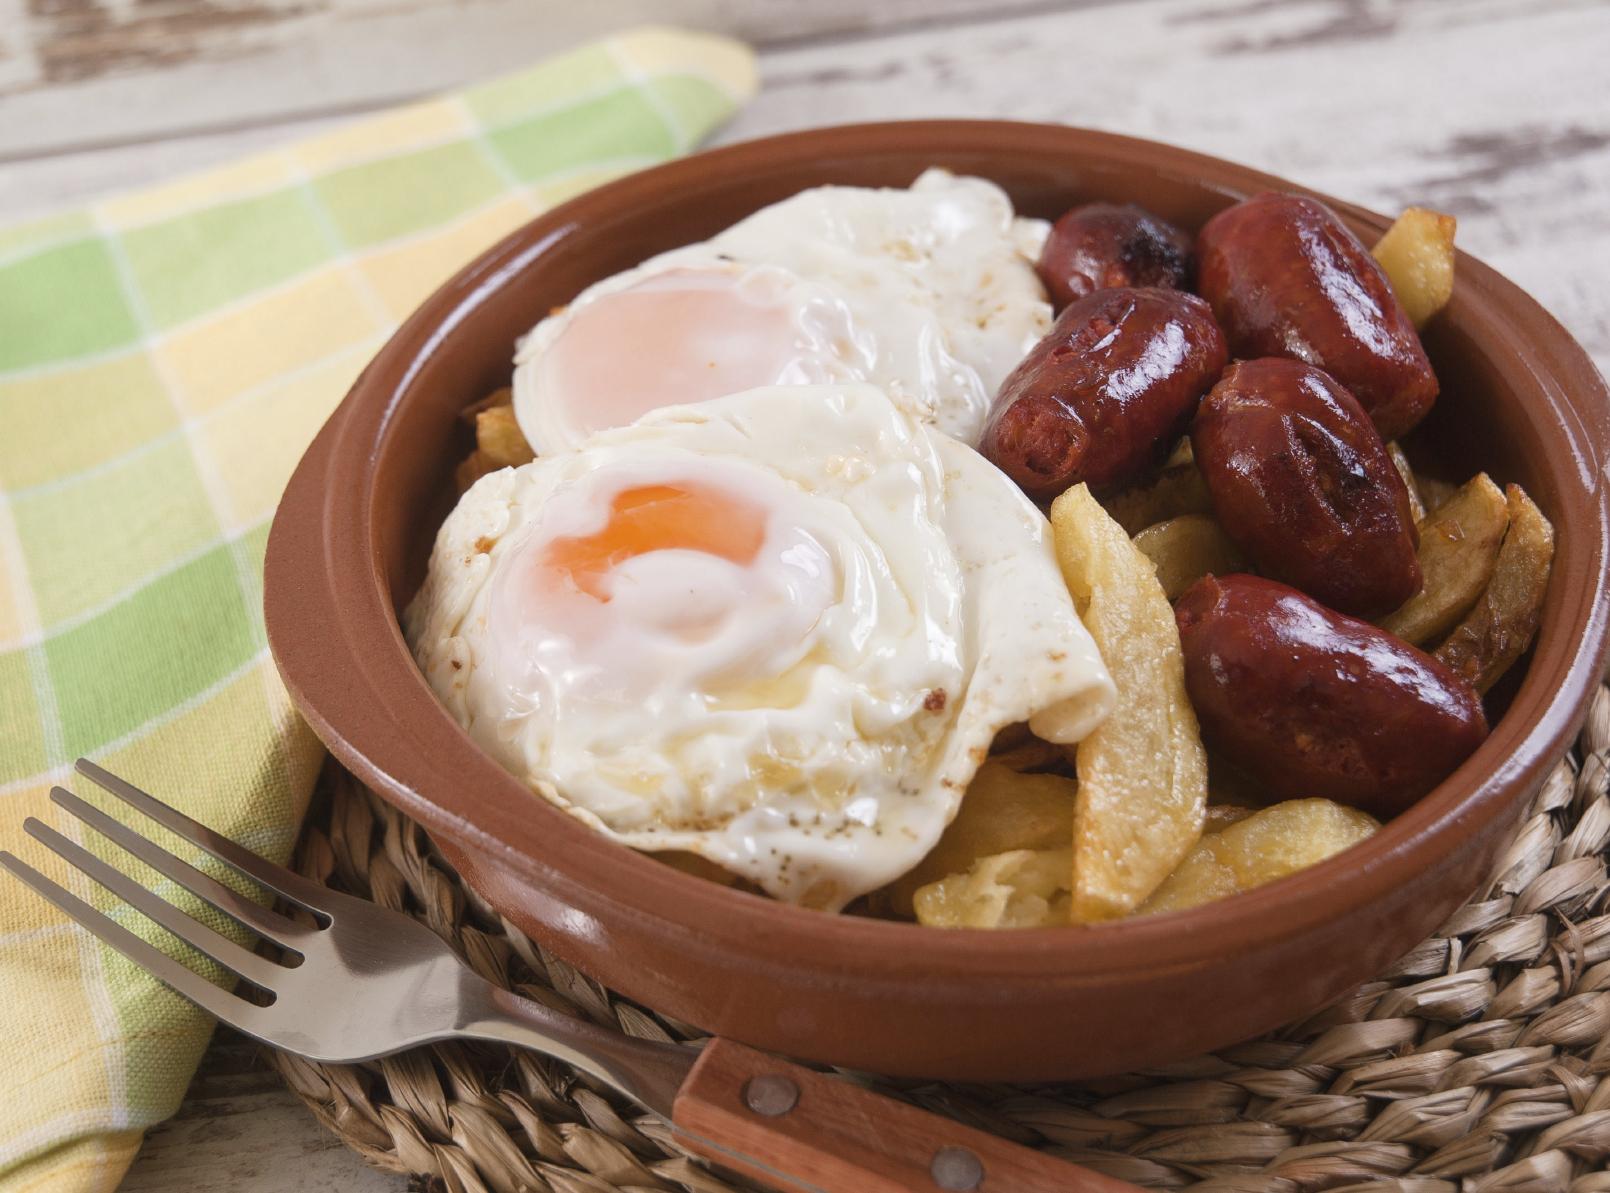 Huevos fritos con chorizo salmantino